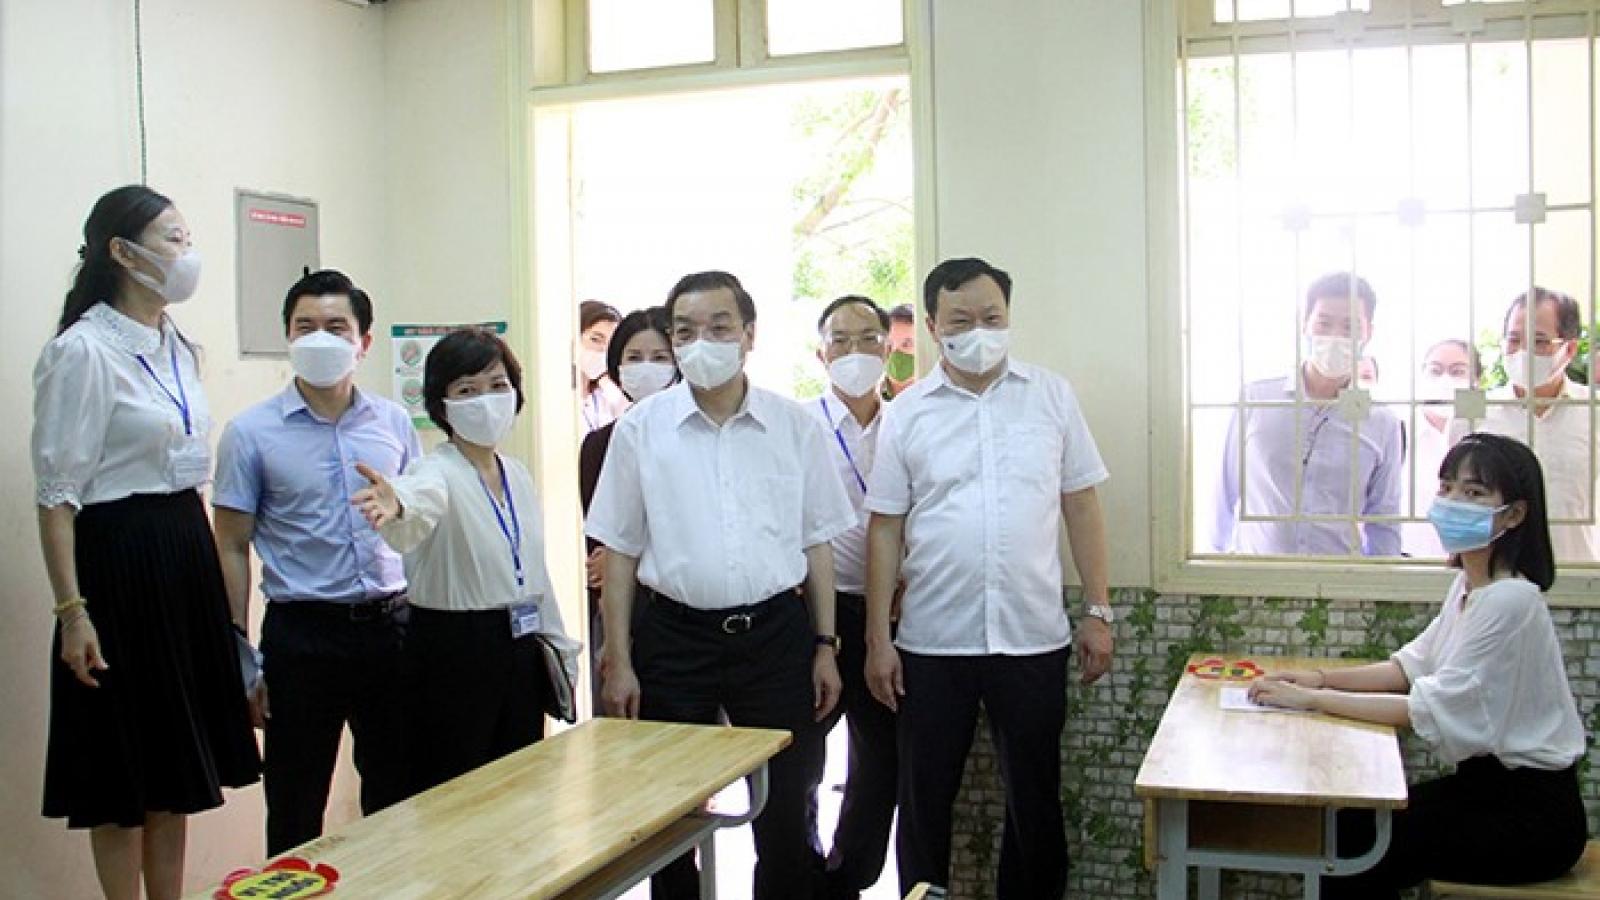 Chủ tịch Hà Nội: Nới lỏng dịch vụ nhưng không buông lỏng kiểm tra phòng chống dịch